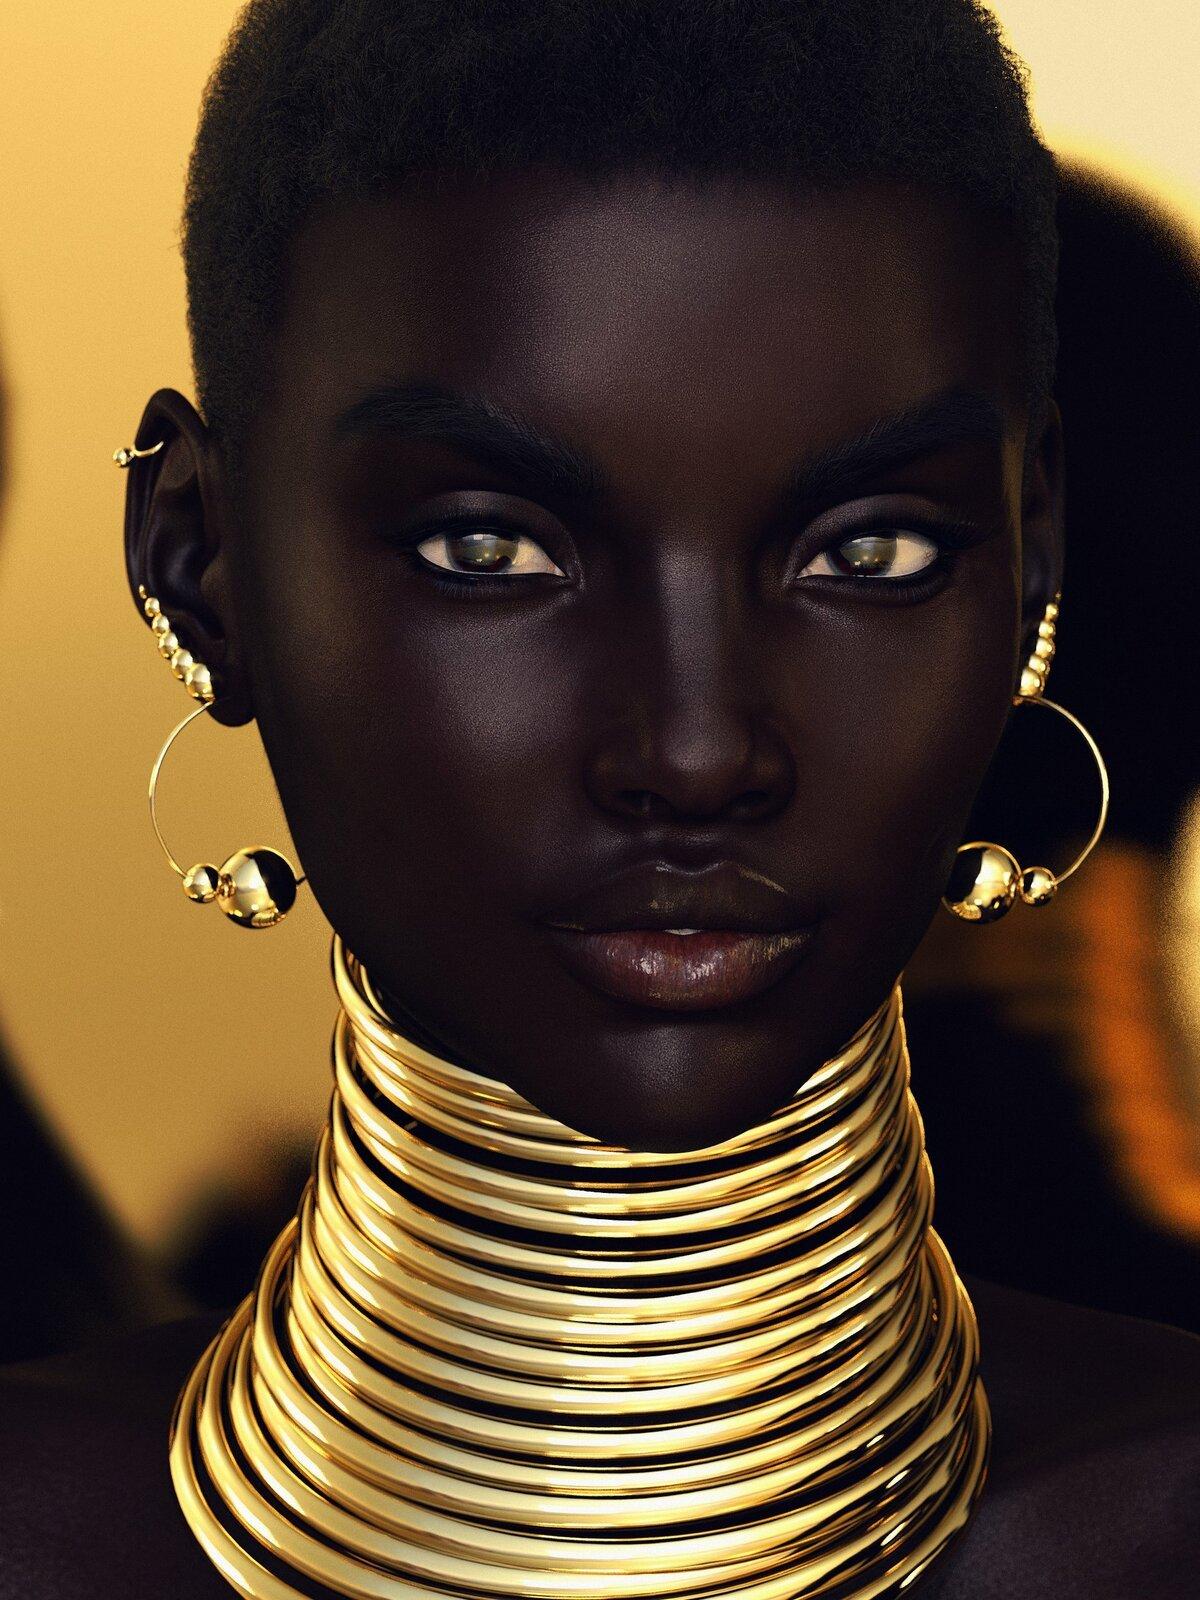 Самая красивая африканка фото